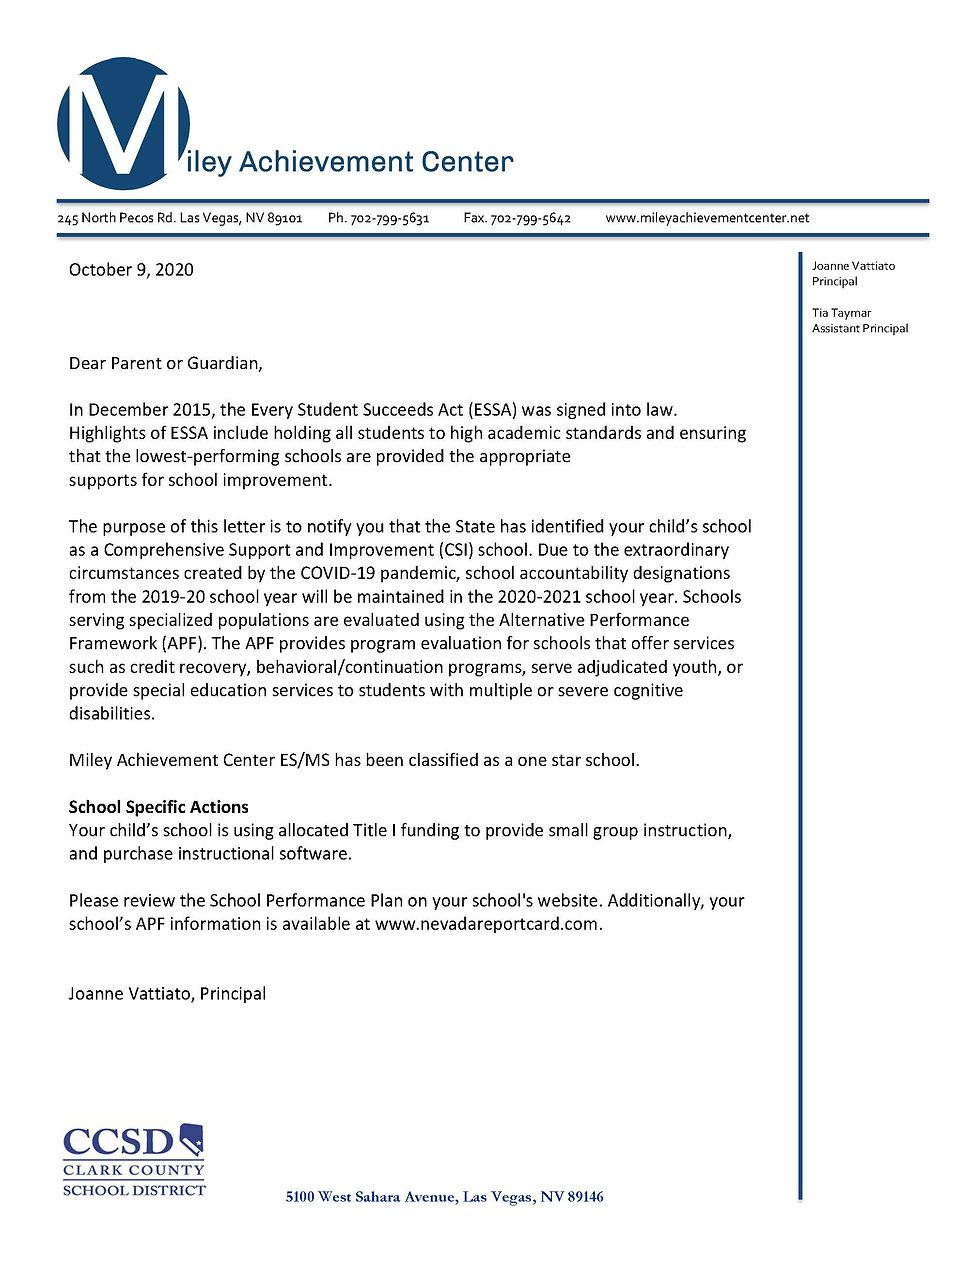 Miley AC ES.MS Parent Notification Lette